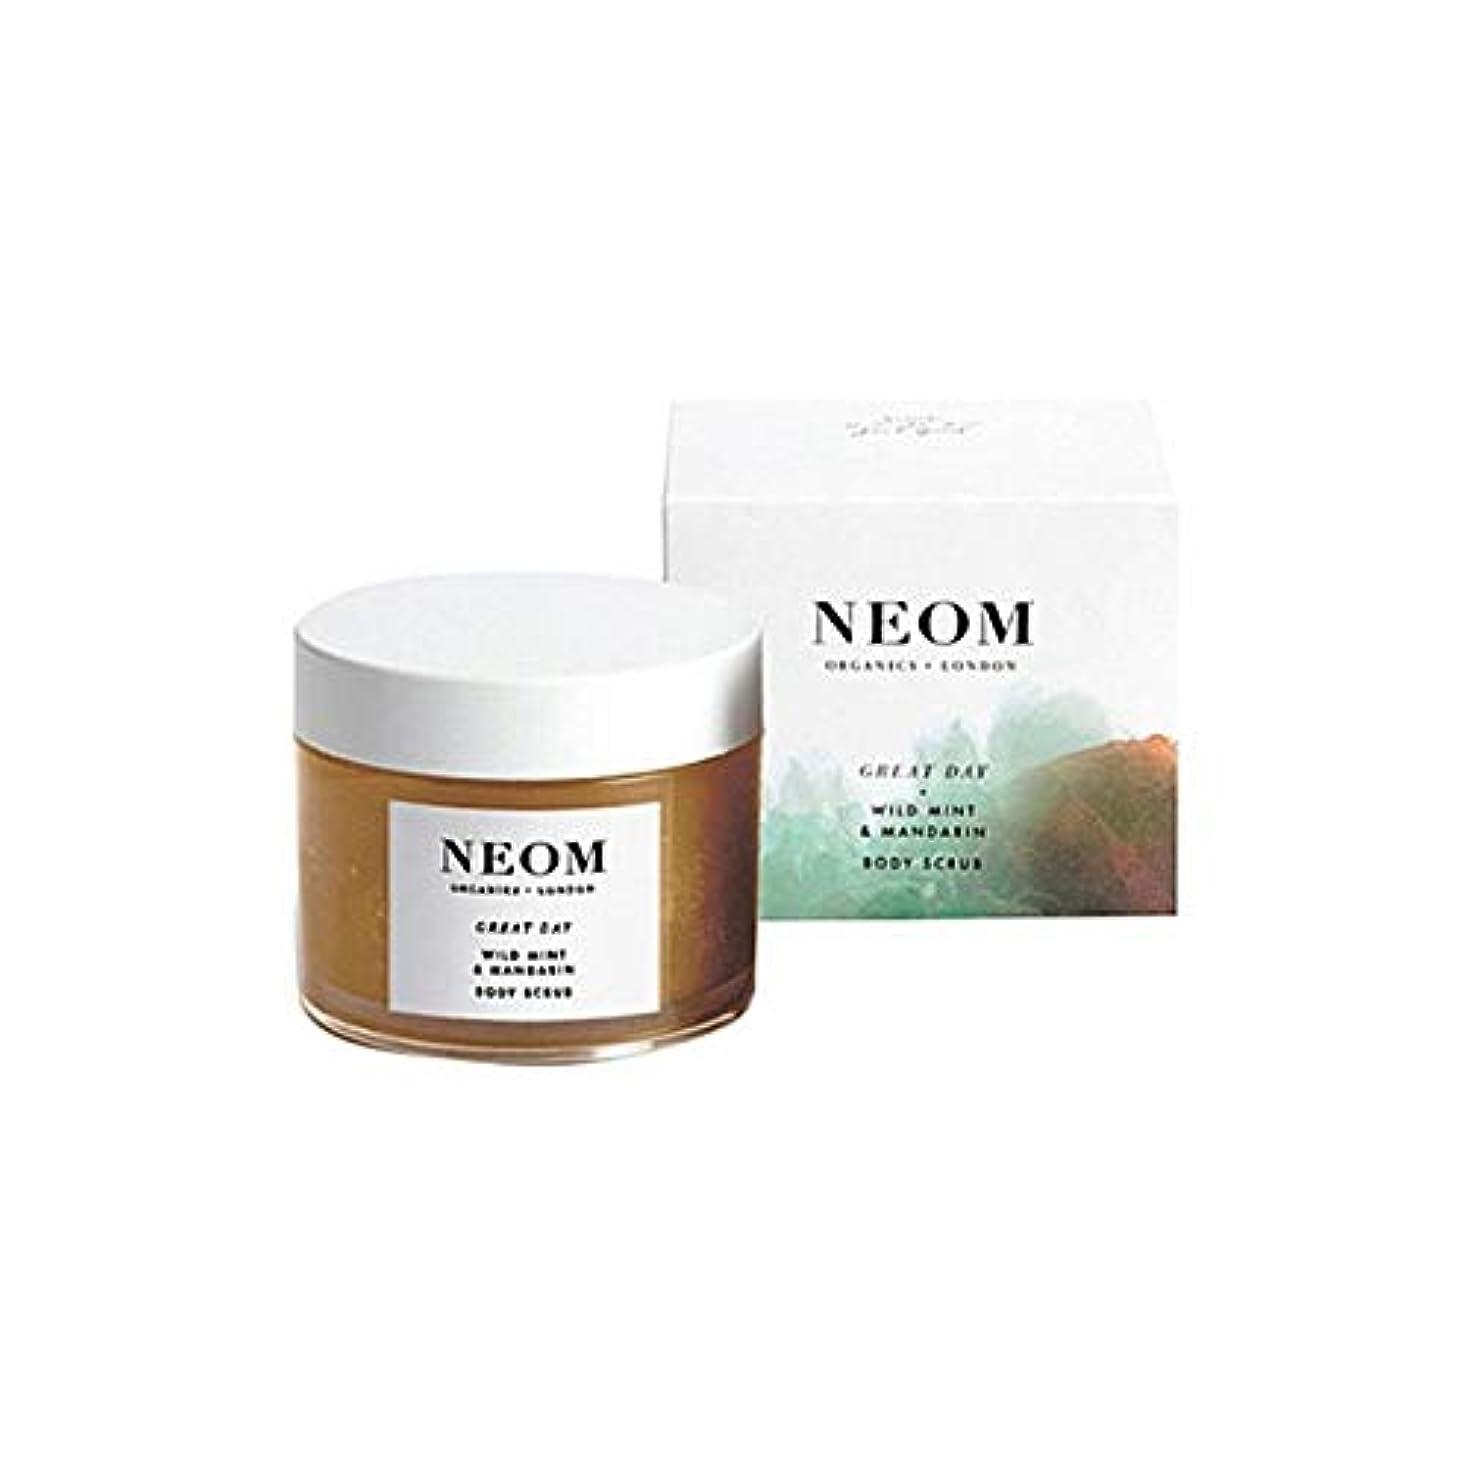 質量前置詞レッドデート[Neom] Neom高級有機物素晴らしい一日ボディスクラブ332グラム - Neom Luxury Organics Great Day Body Scrub 332G [並行輸入品]